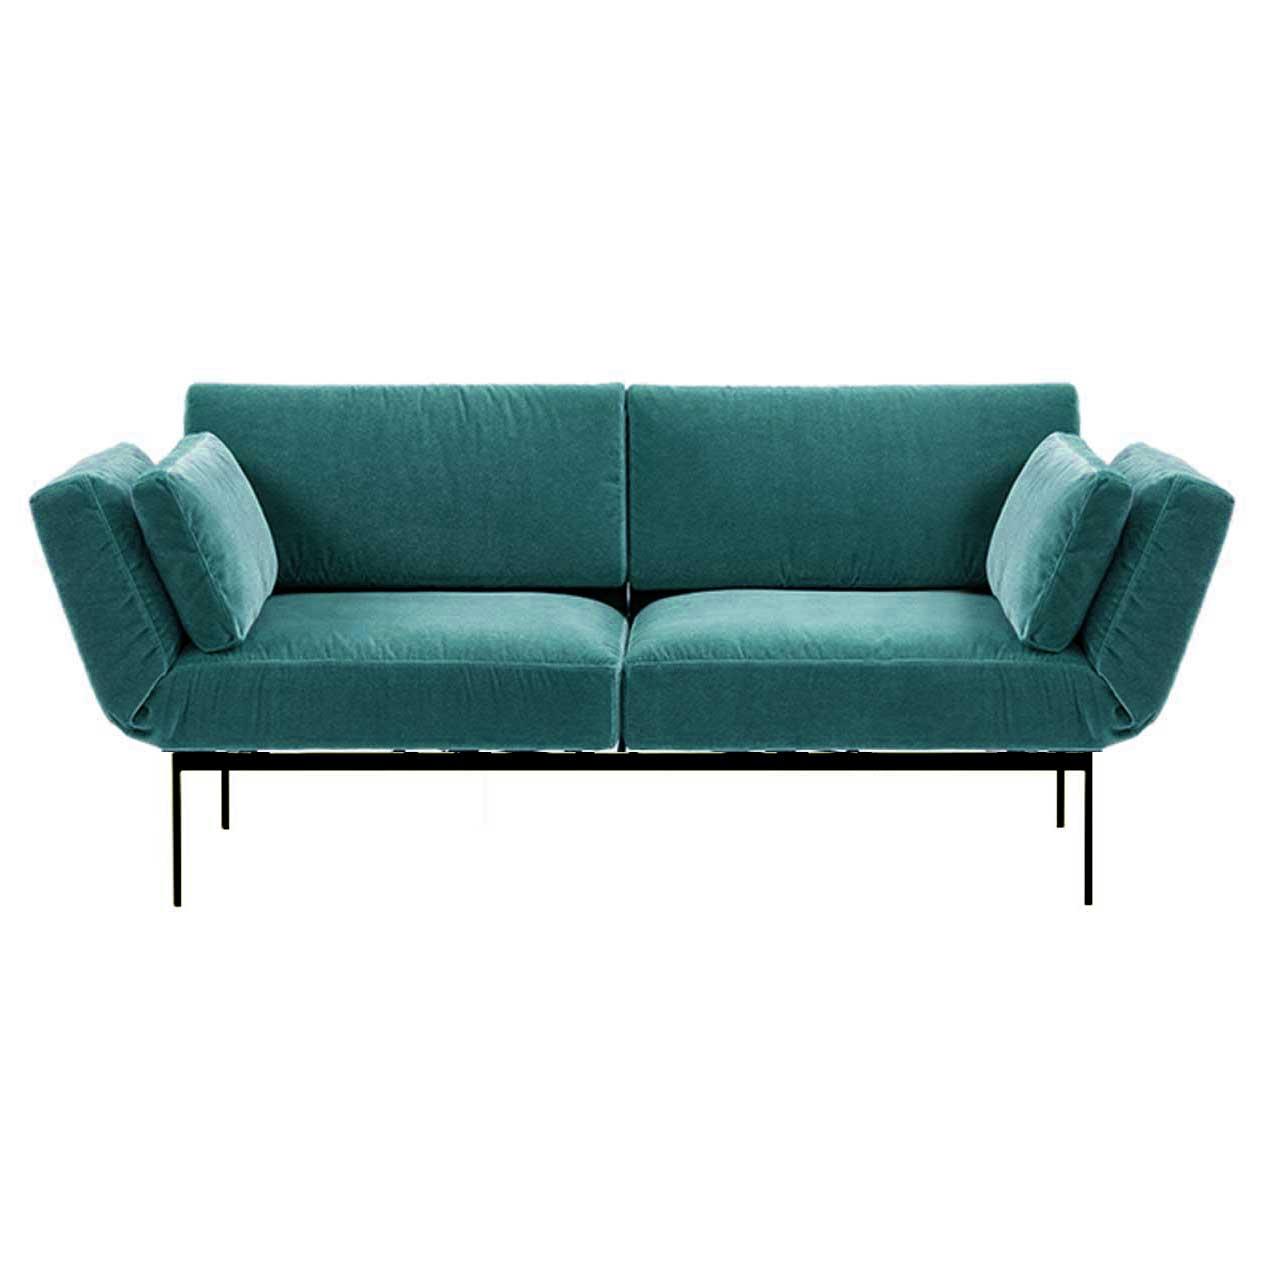 Bruhl Roro 20 Soft Sofa 2 Mit Drehsitzen 72005 Bruhl Mobel Shop